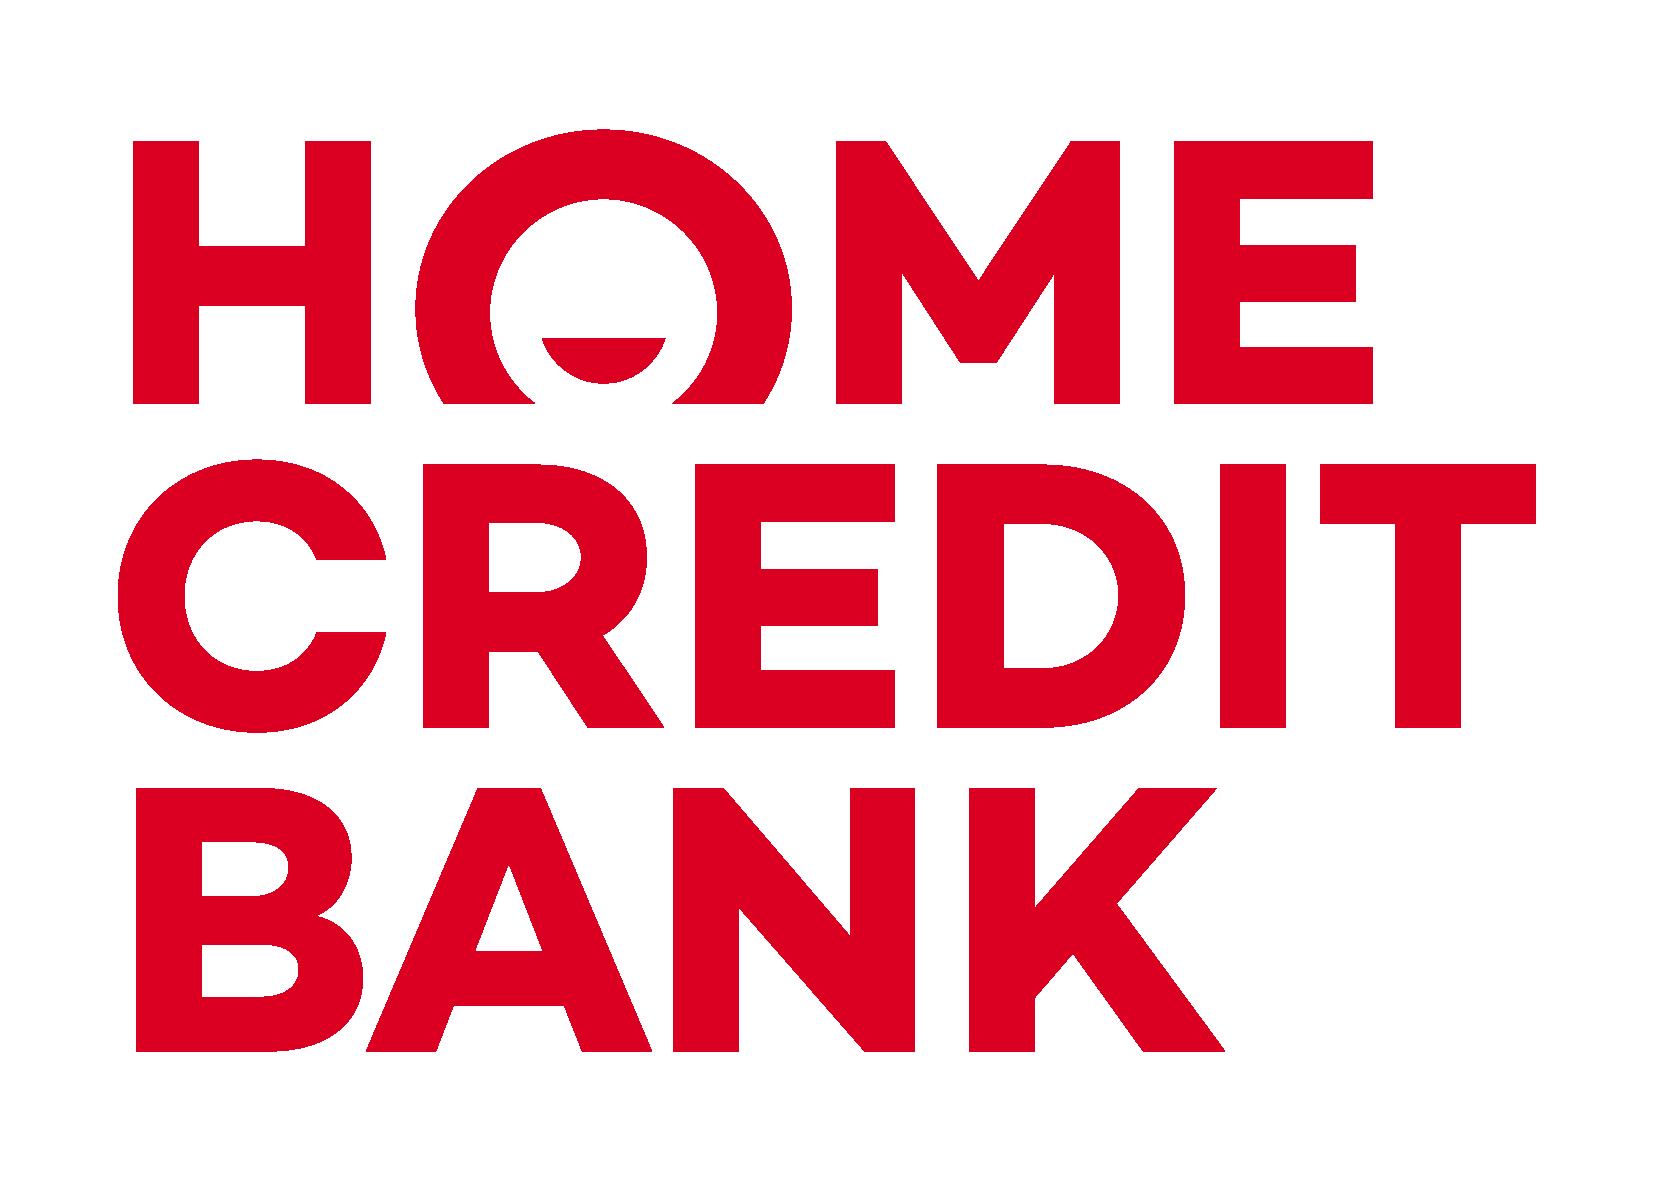 Задача о кредите в банке Демо ЕГЭ по математике, задание 17